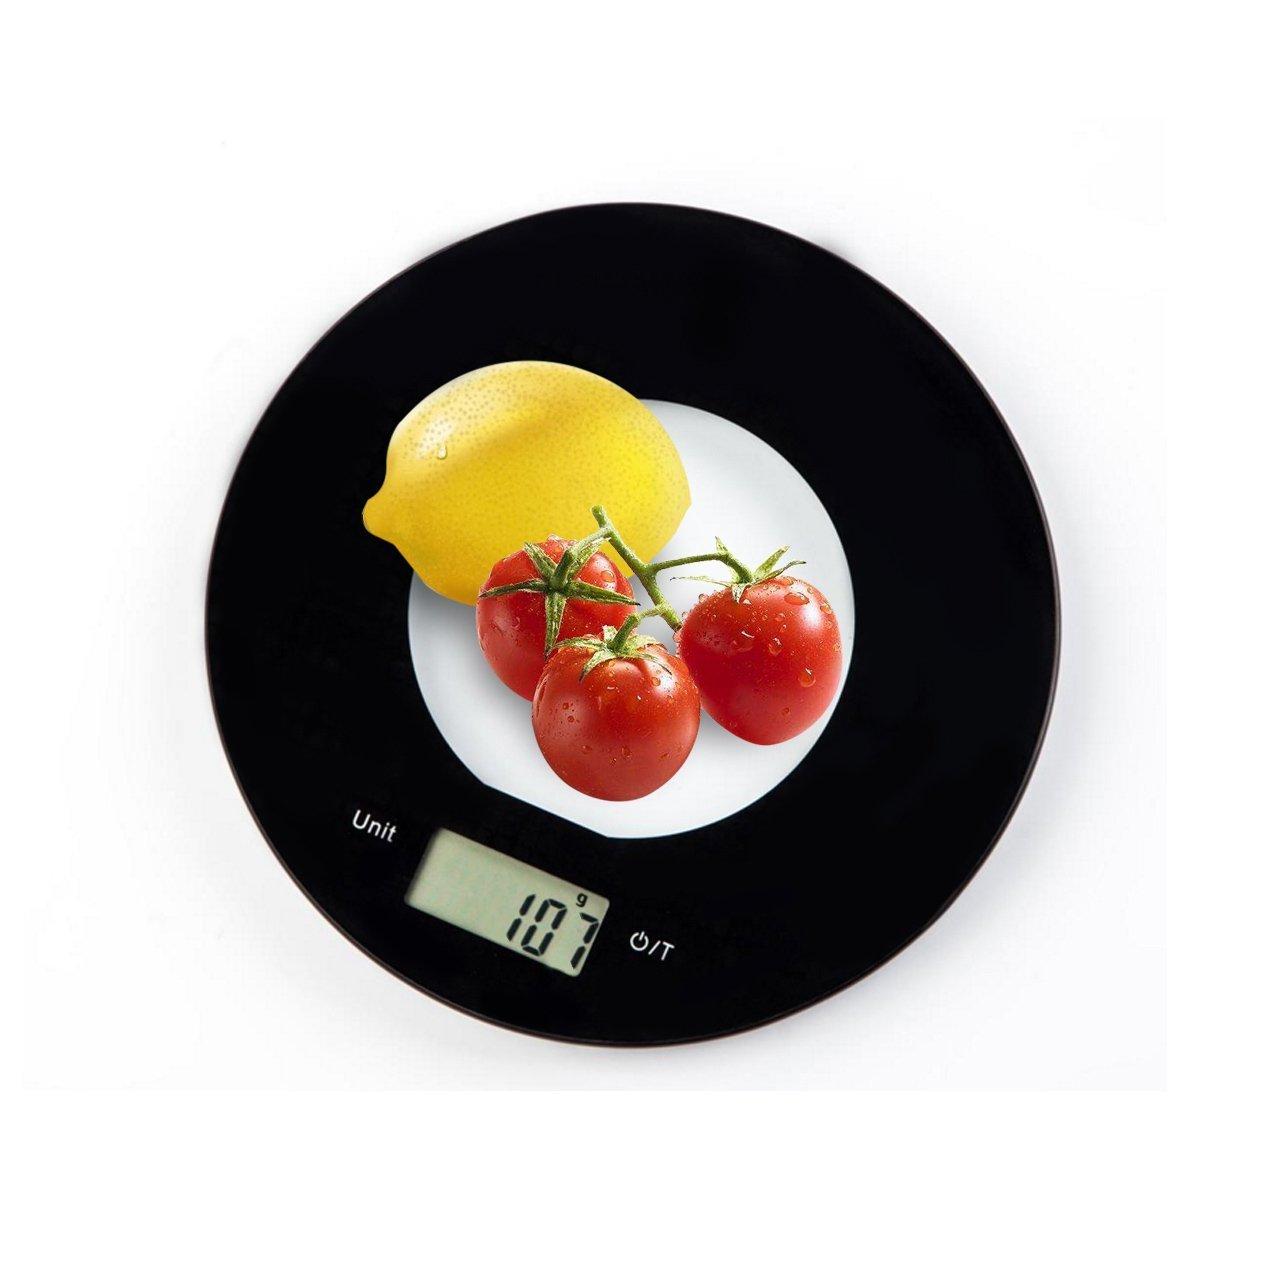 Varanda báscula de cocina 5000 g Digital de cocina alimentos escala electrónica con LCD Pantalla para Pascua, para el hogar, precisa G y pilas incluidas ...